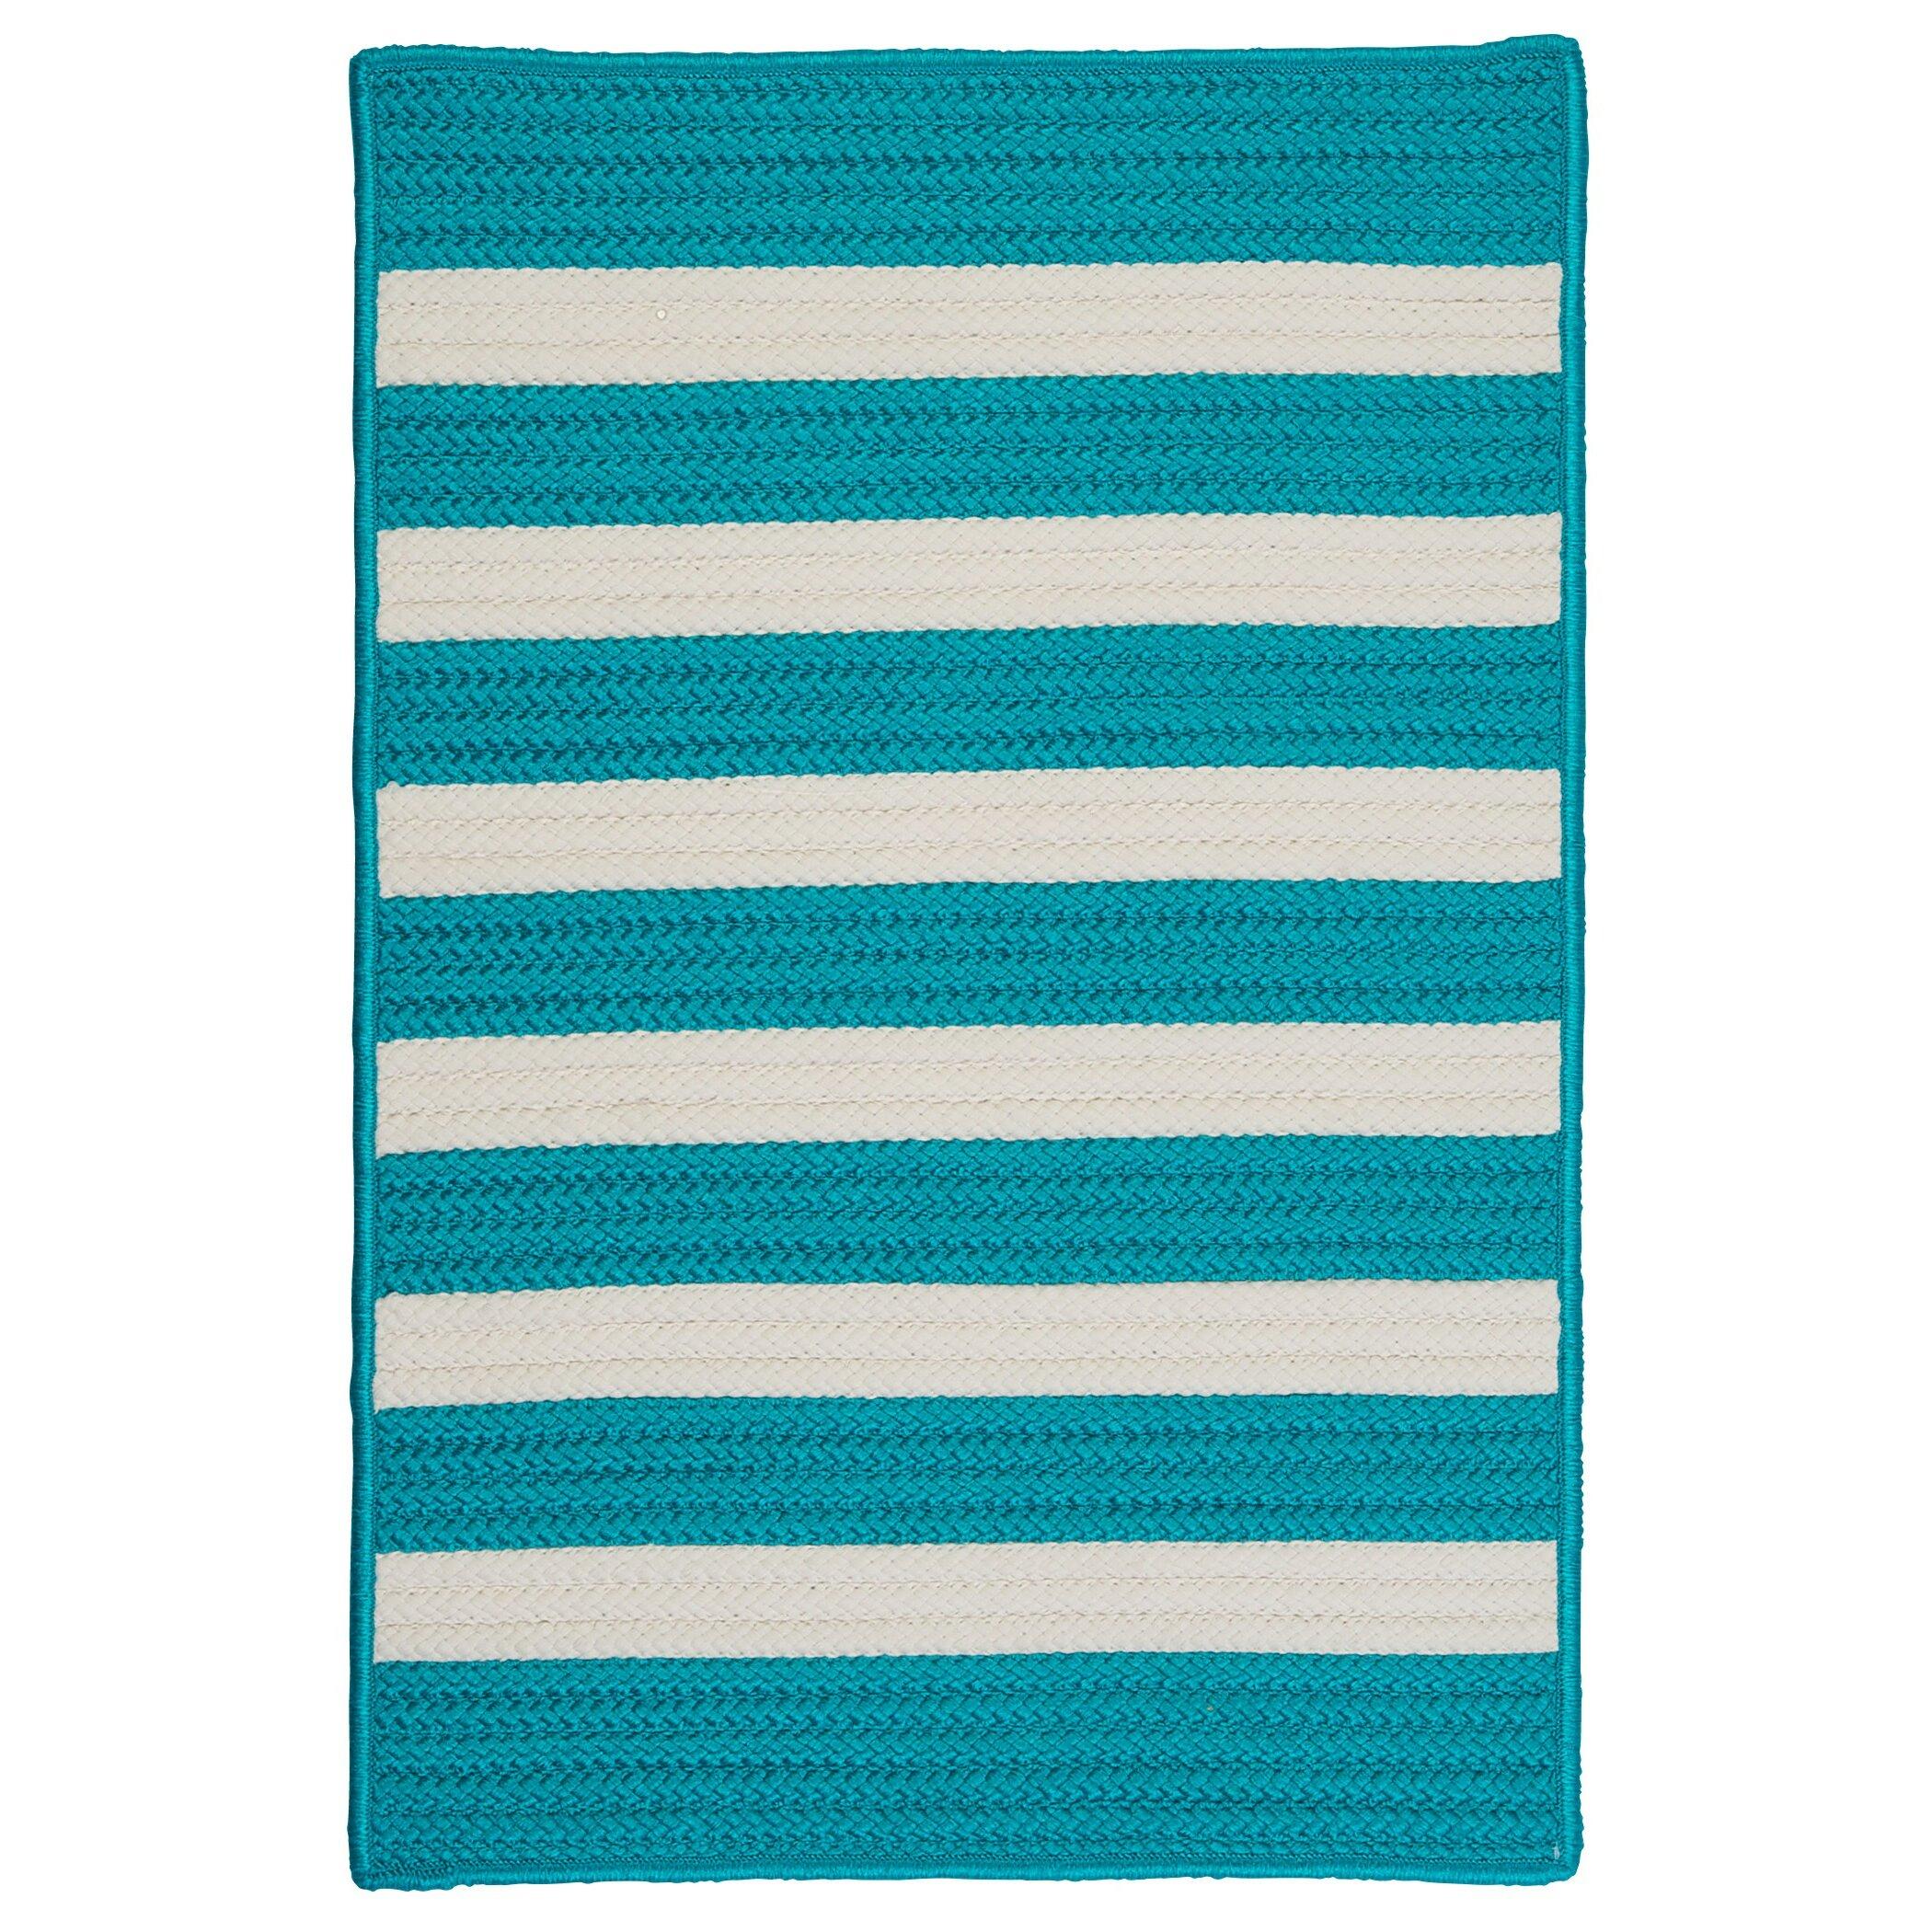 Colonial Mills Stripe It Turquoise Indoor Outdoor Area Rug